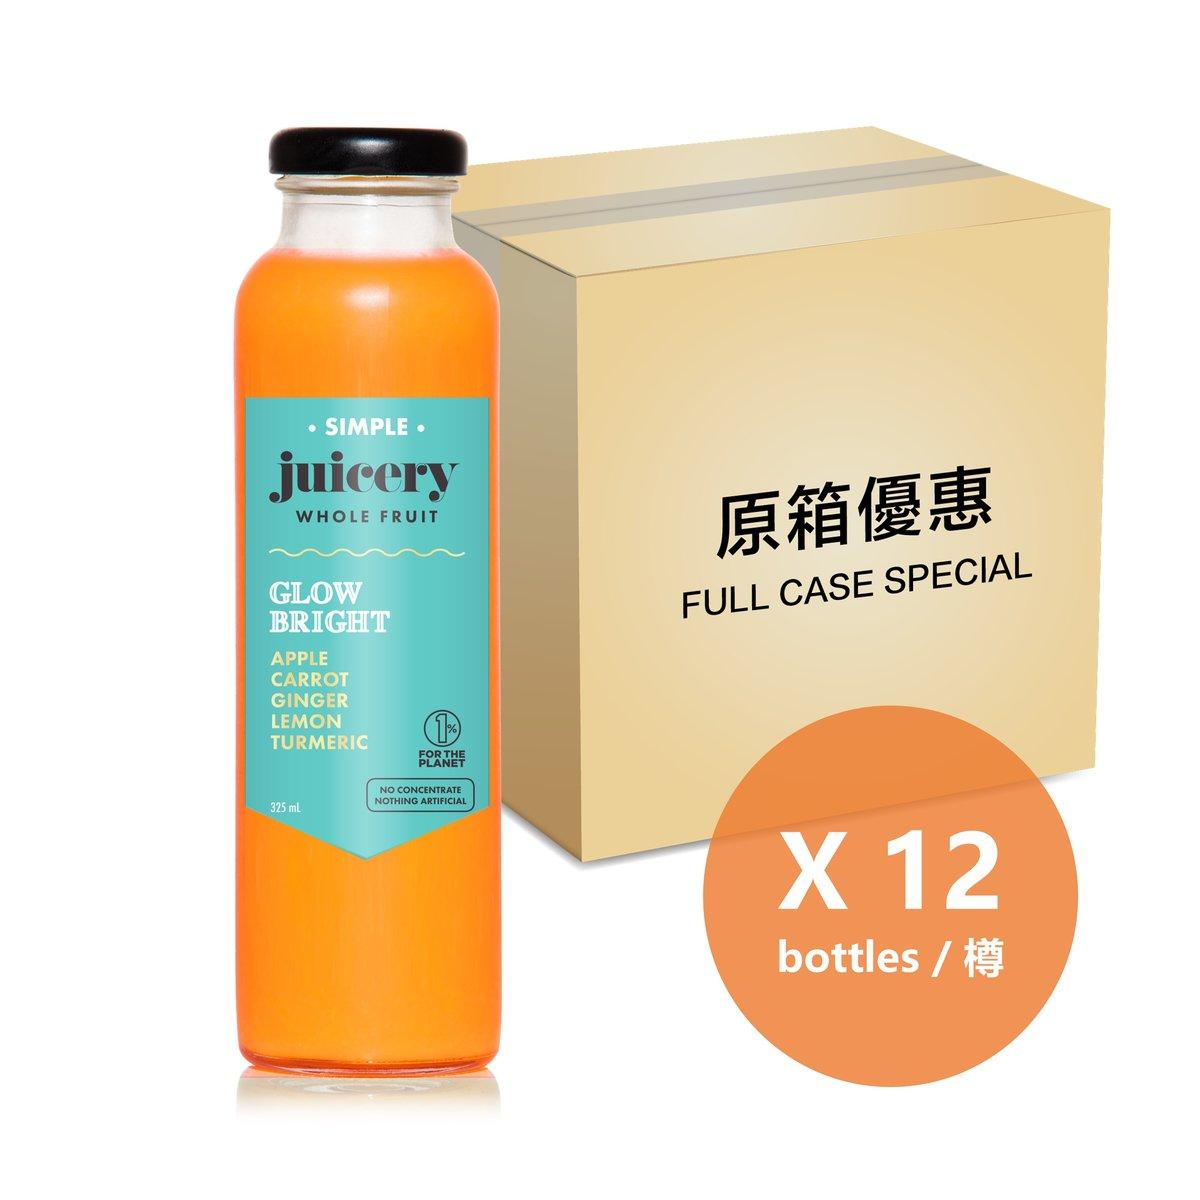 [原箱] 蘋果甘荀薑王果汁 - 325毫升樽裝